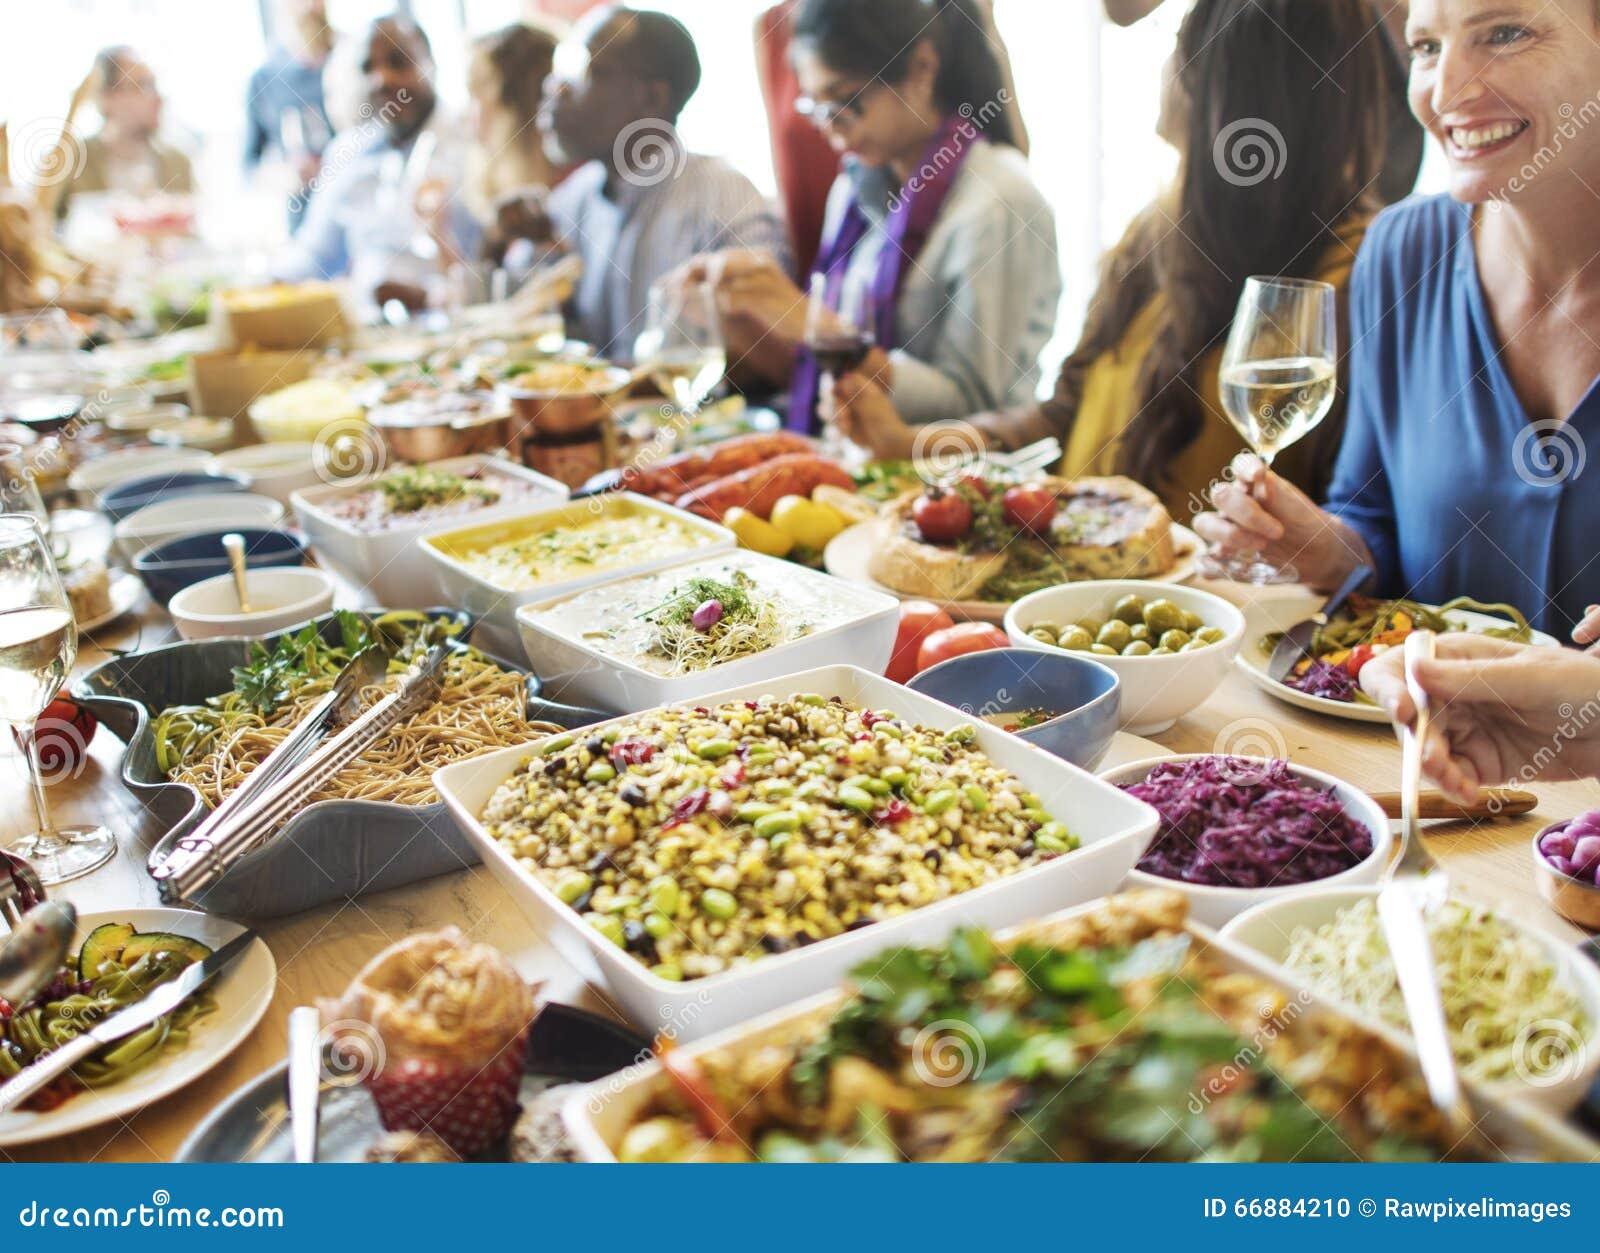 用餐食物庆祝党概念的自助餐晚餐.图片